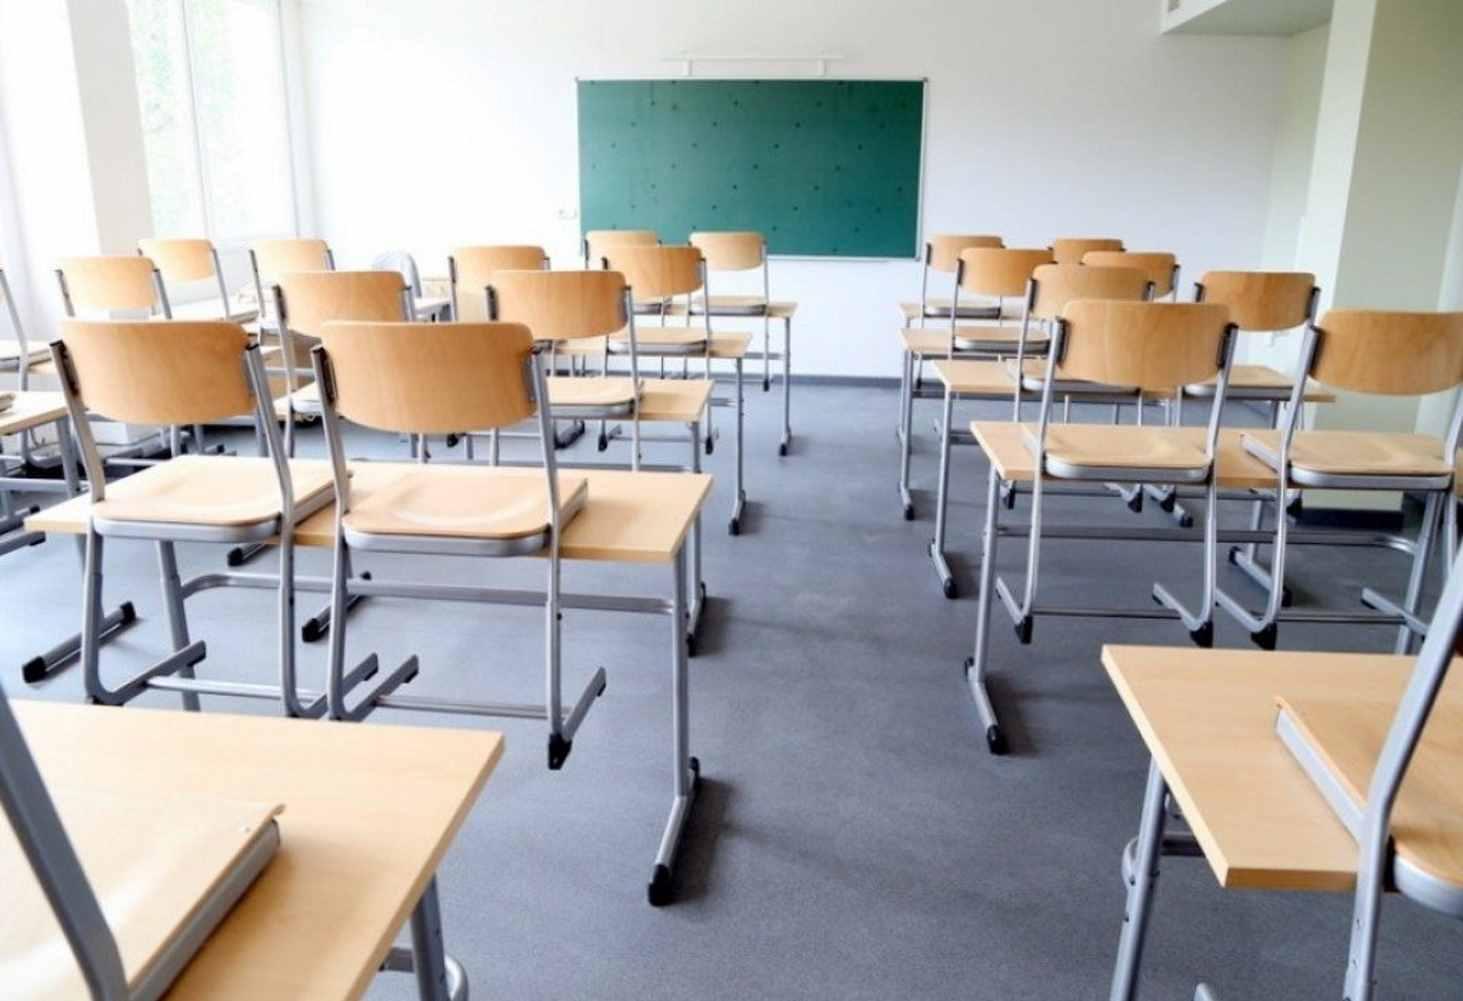 ЦИК сохранит избирательные участки в школах